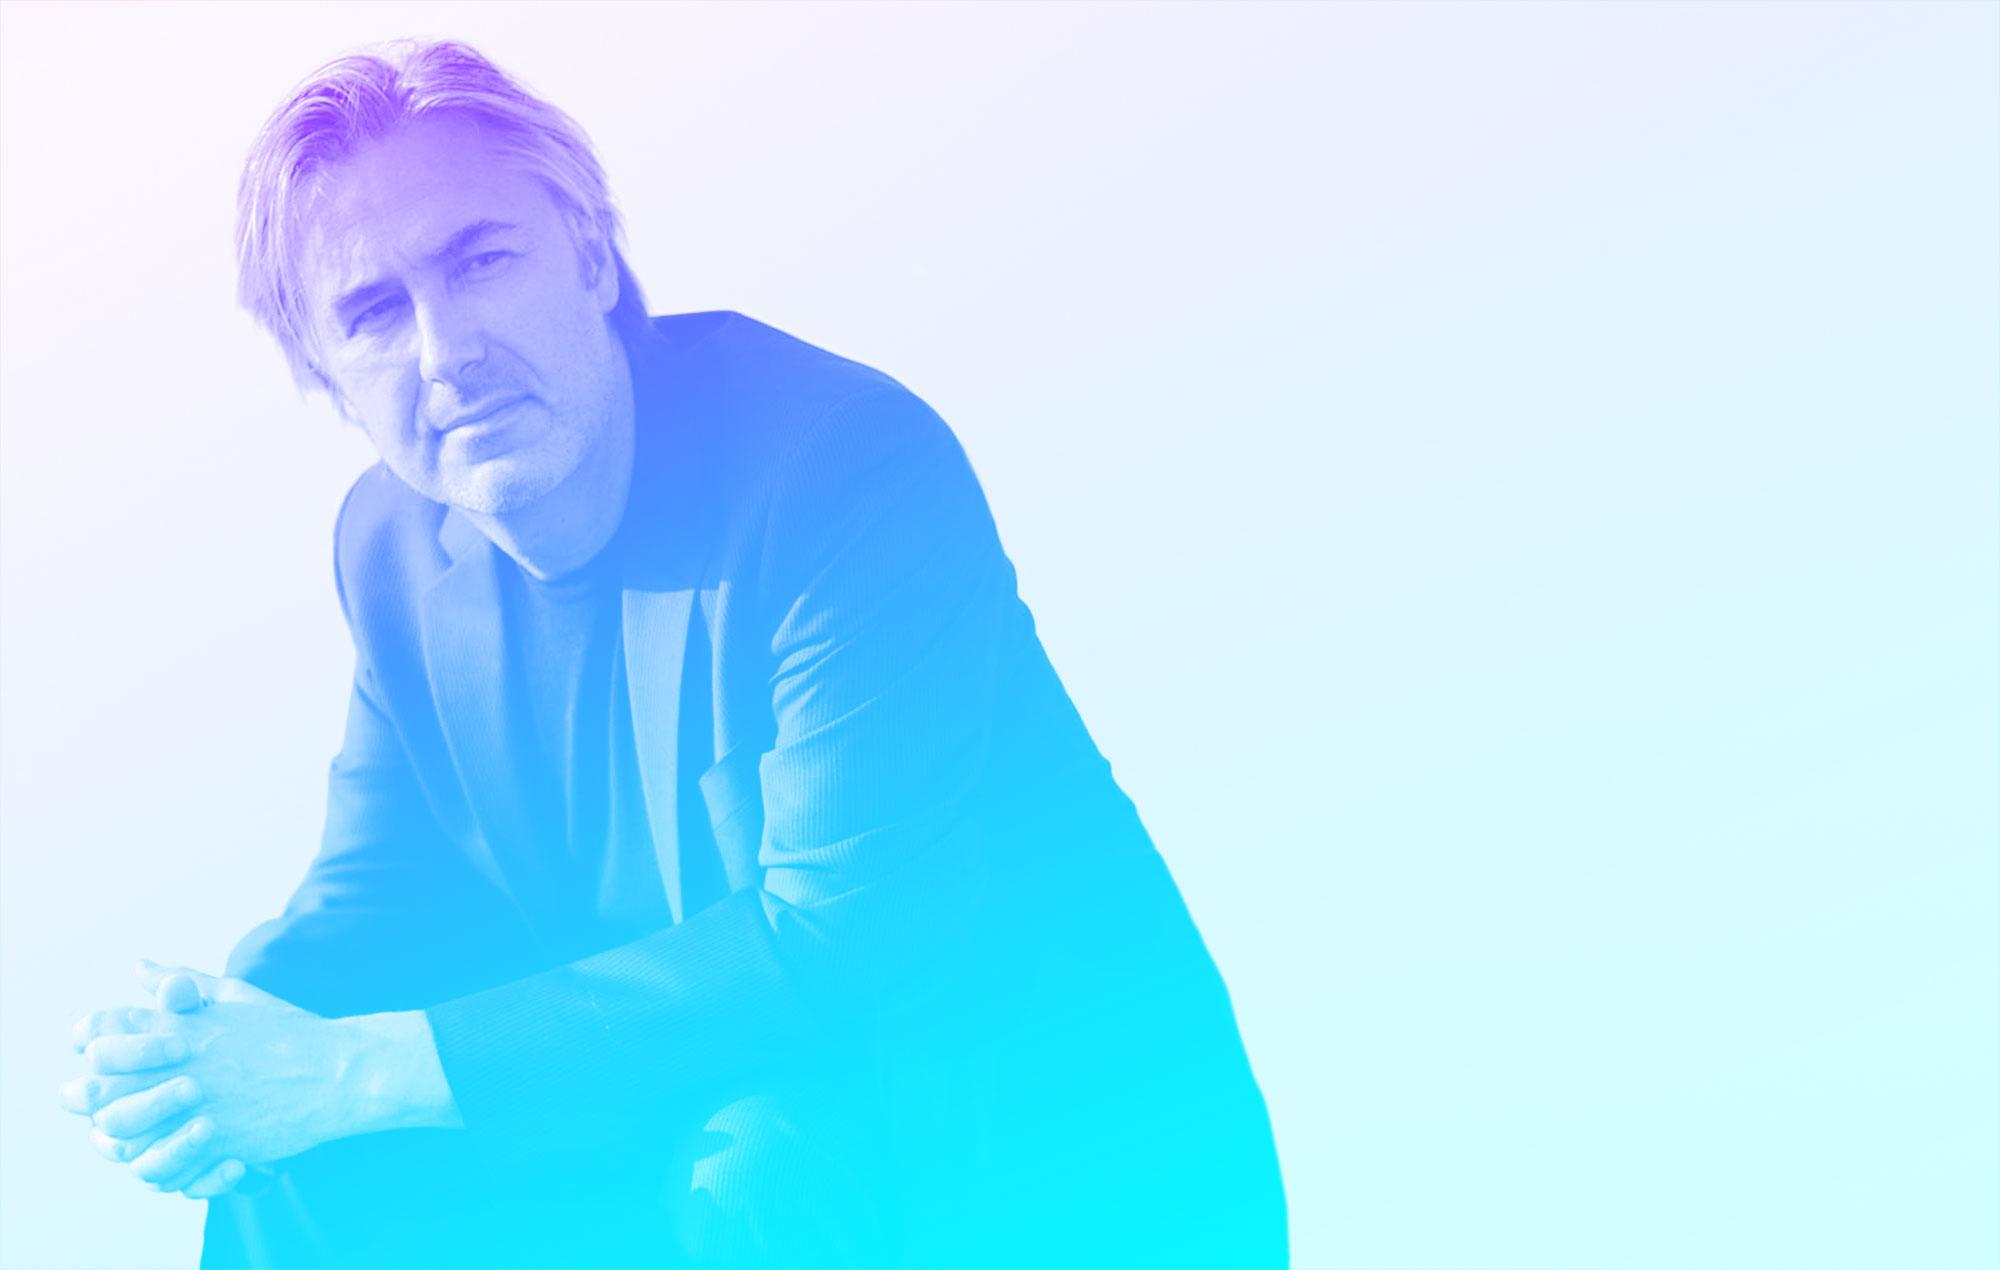 Leland Originals Signs Composer Neil Davidge